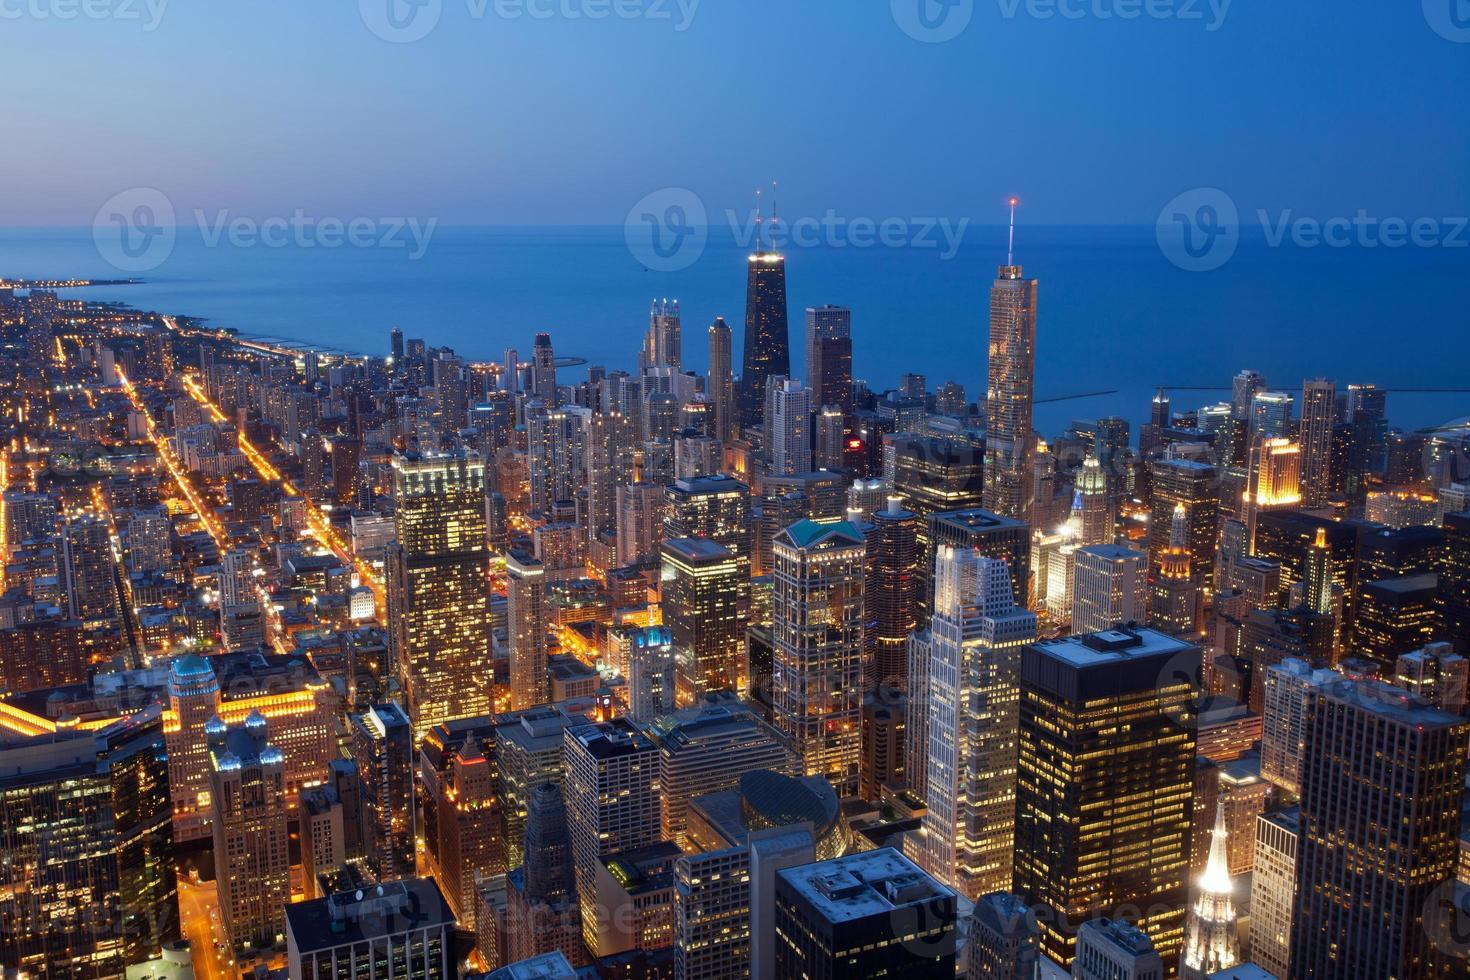 Stadt von Chicago. foto